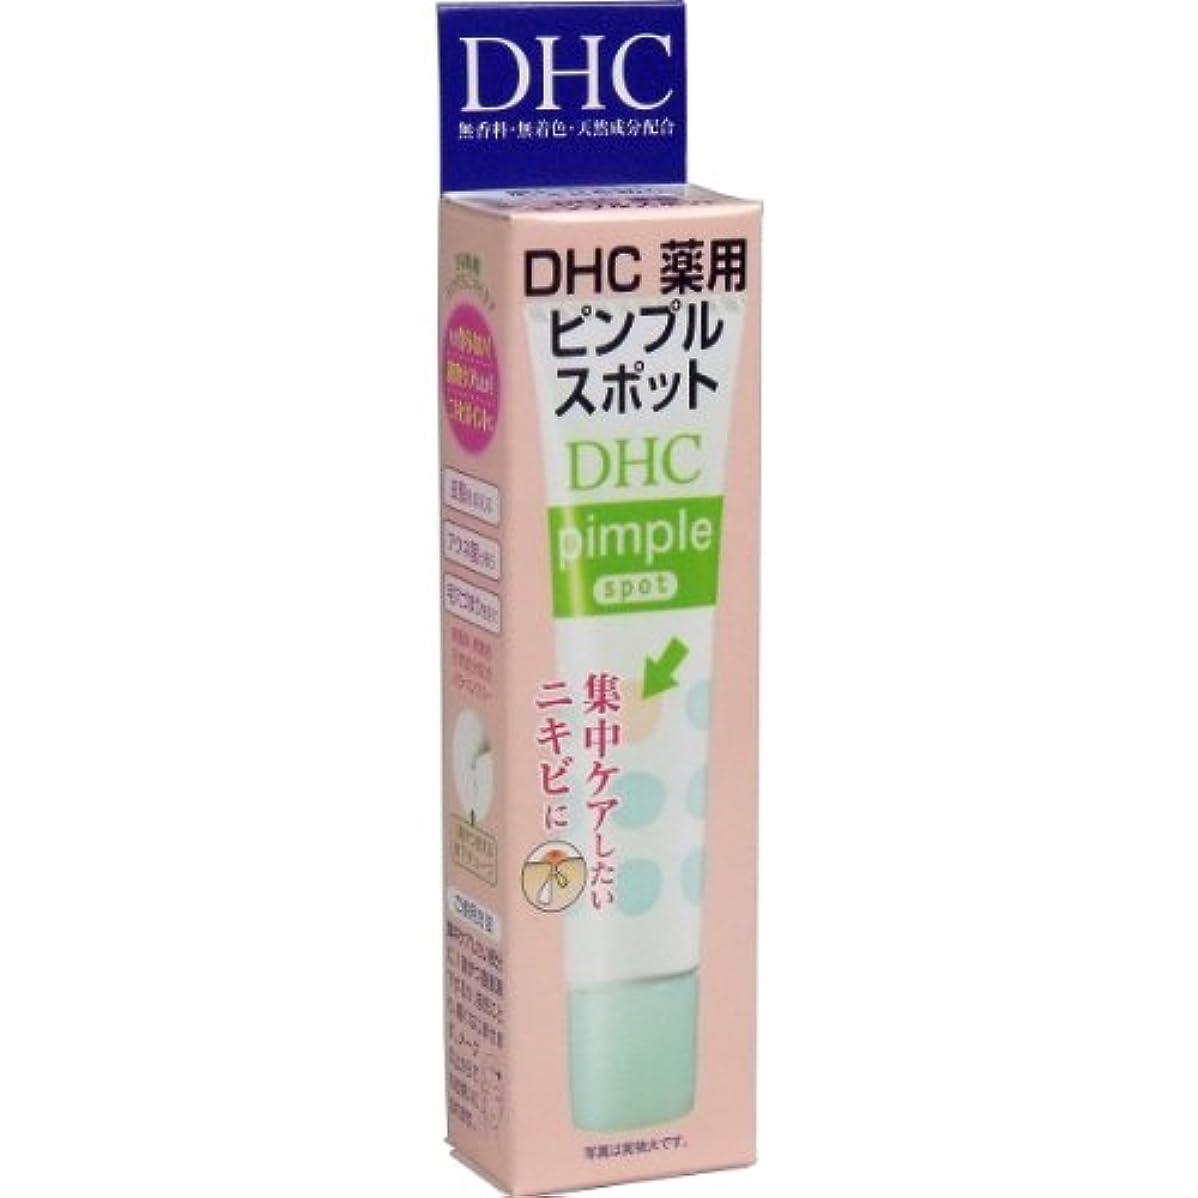 首びっくり持ってる【まとめ買い】DHC薬用ピンプルスポット 15ml ×2セット